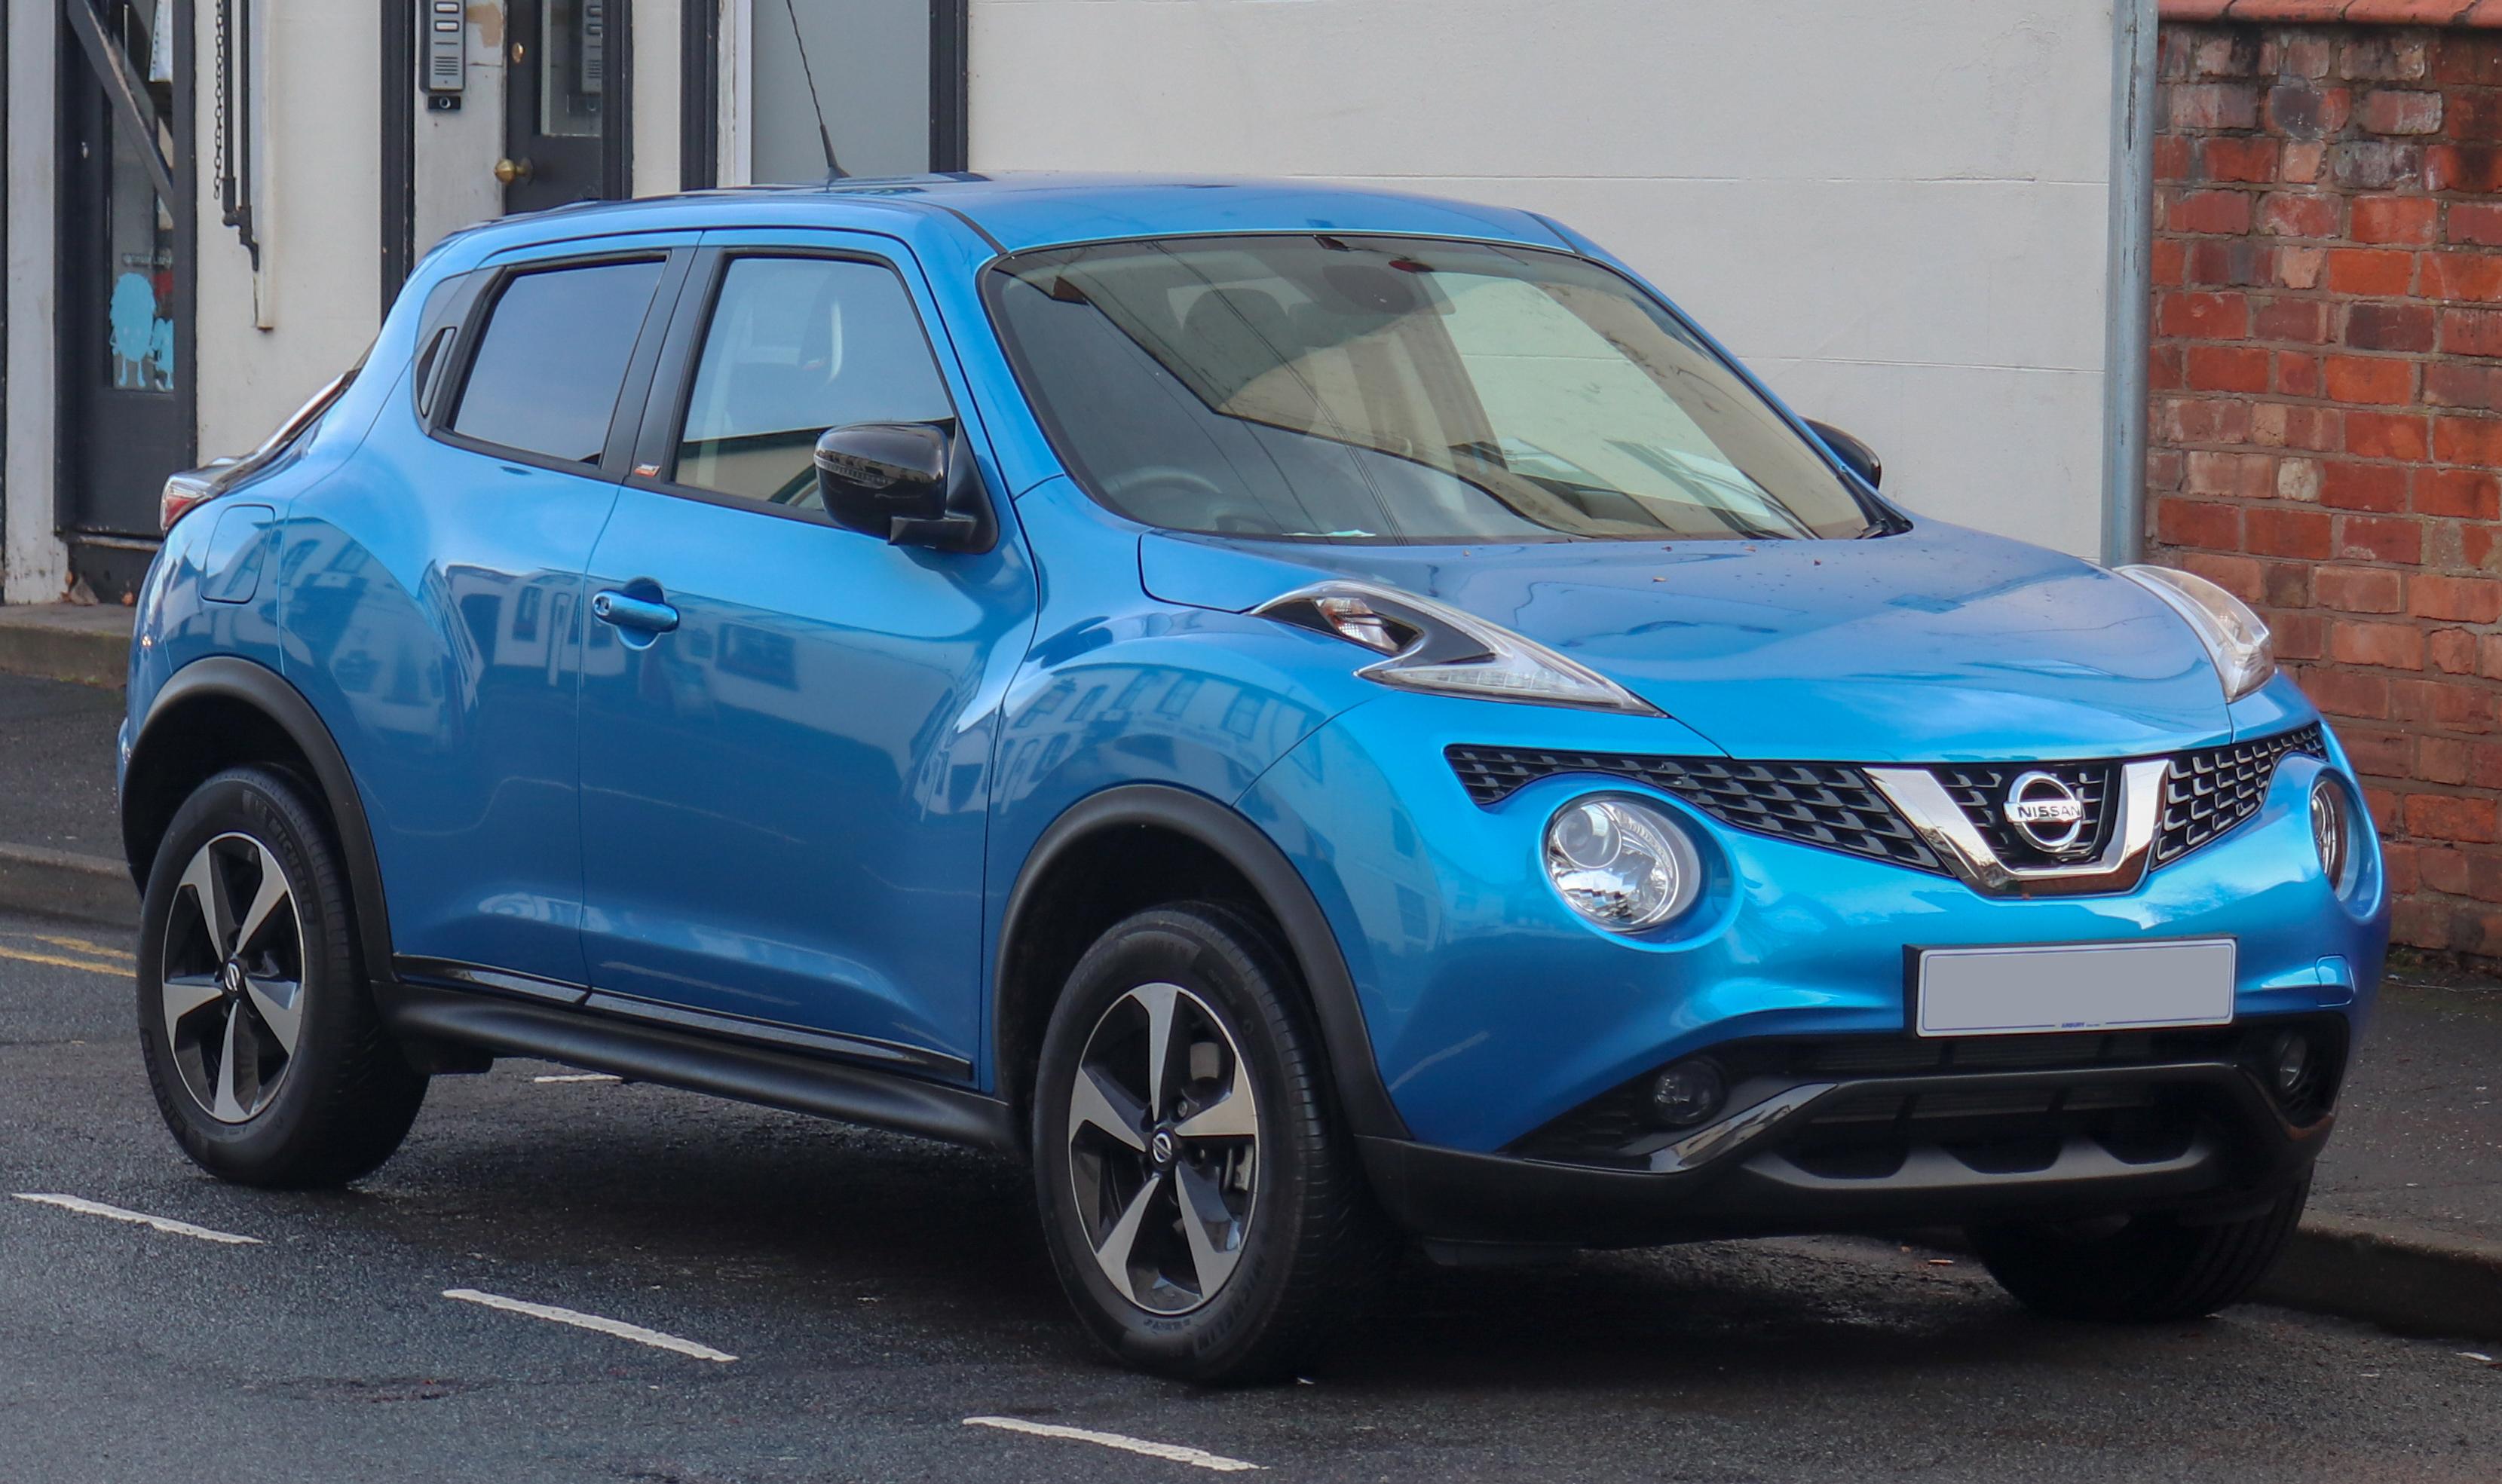 Nissan Juke Wikipedia